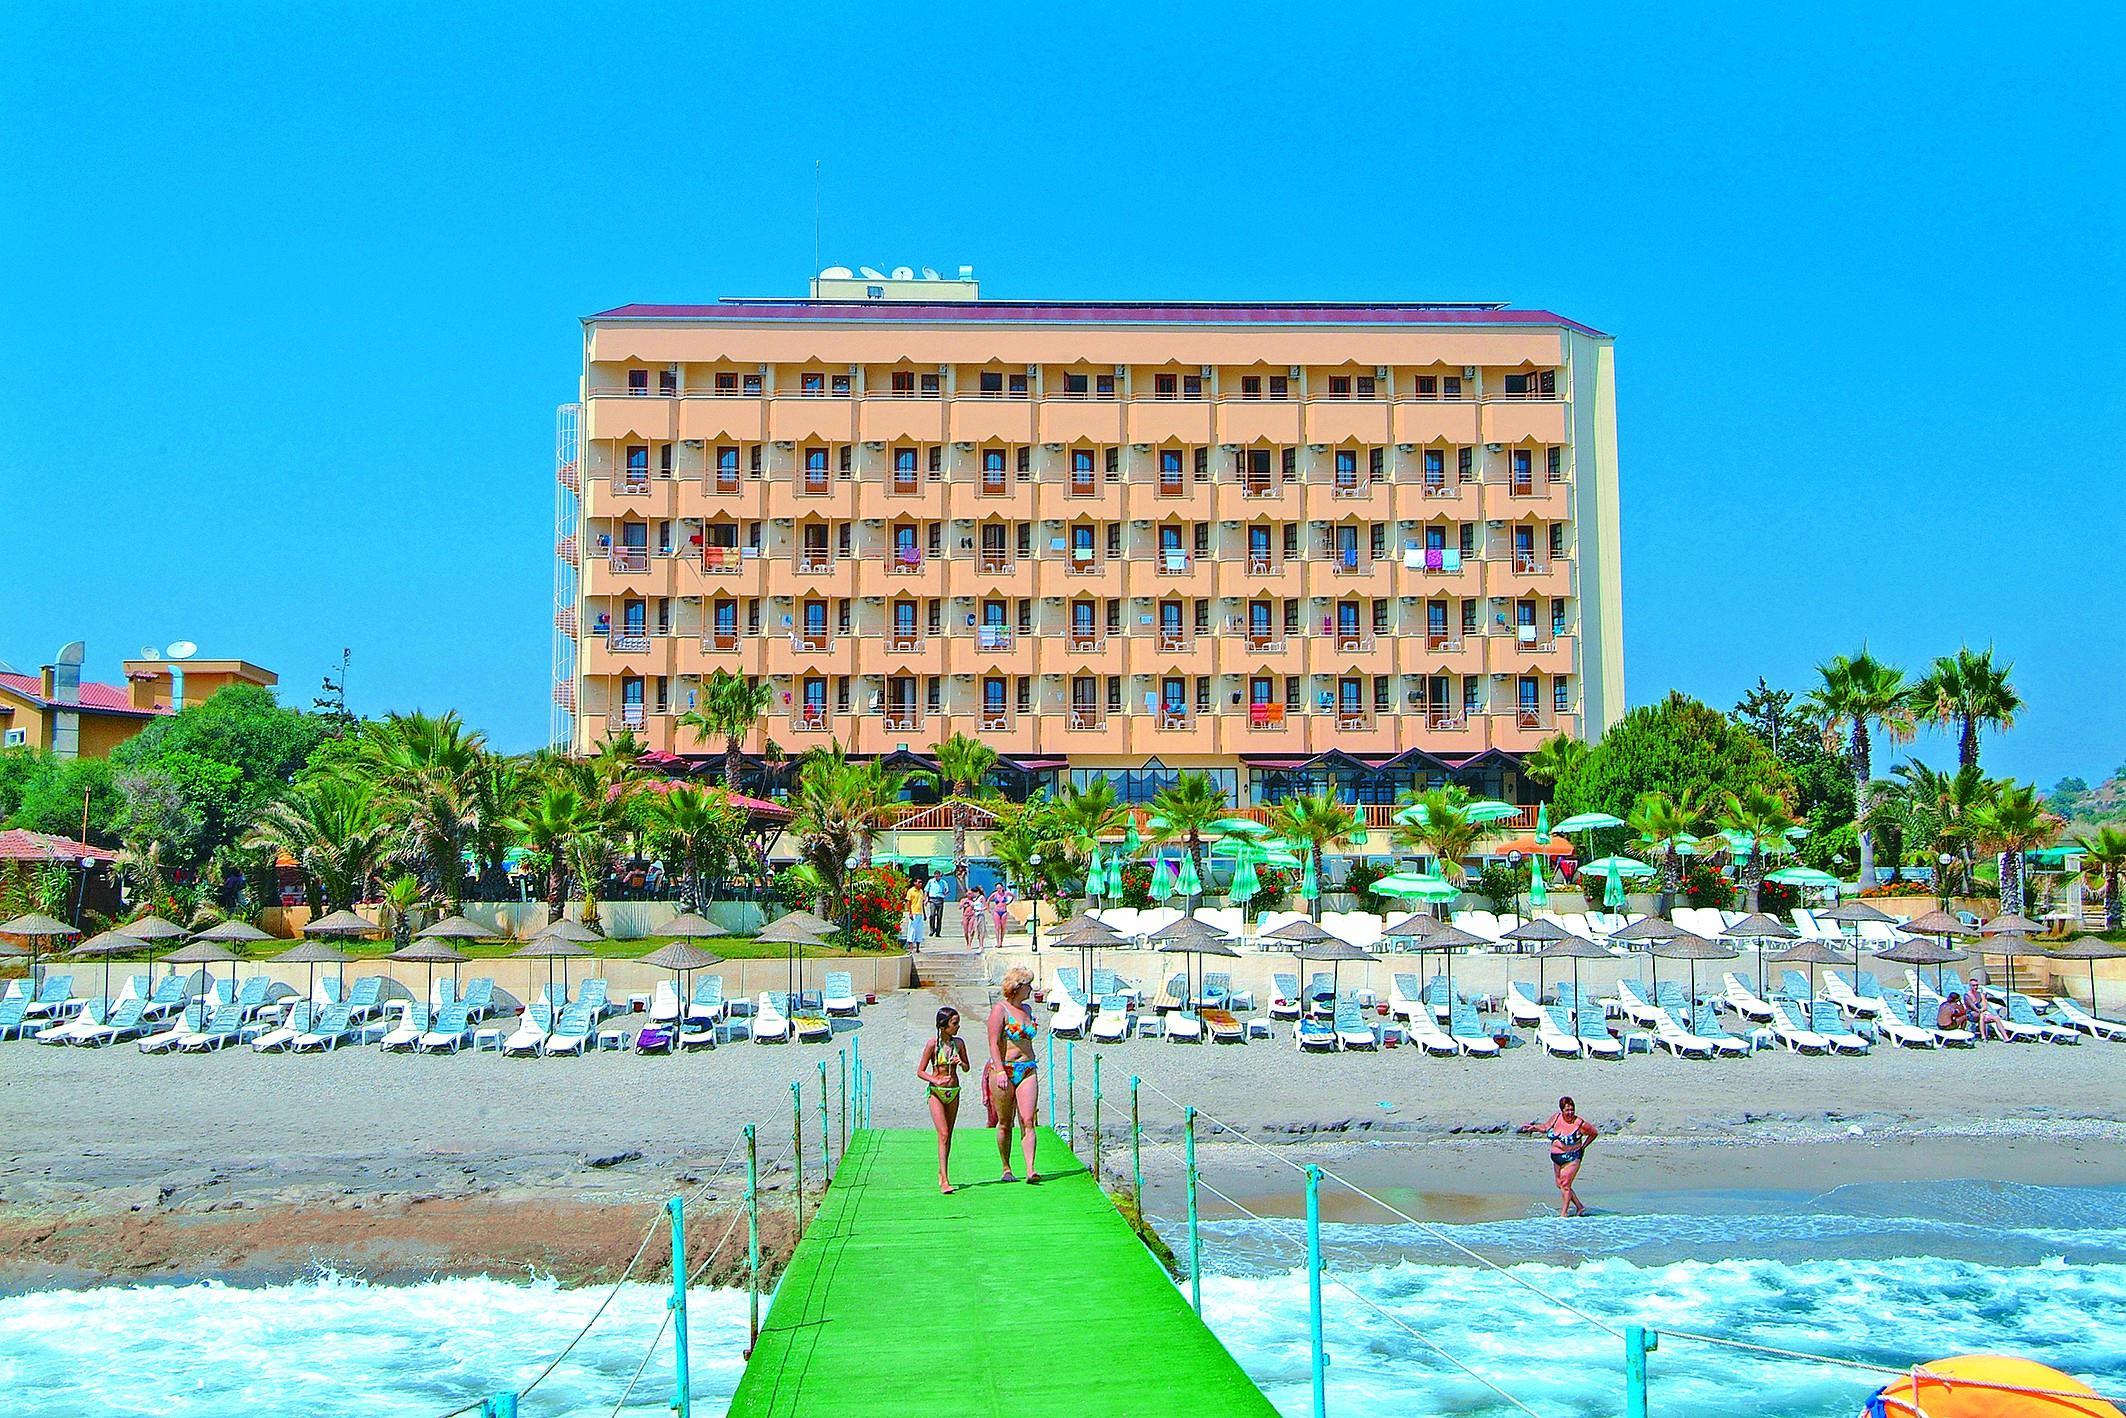 anitas-hotel-001